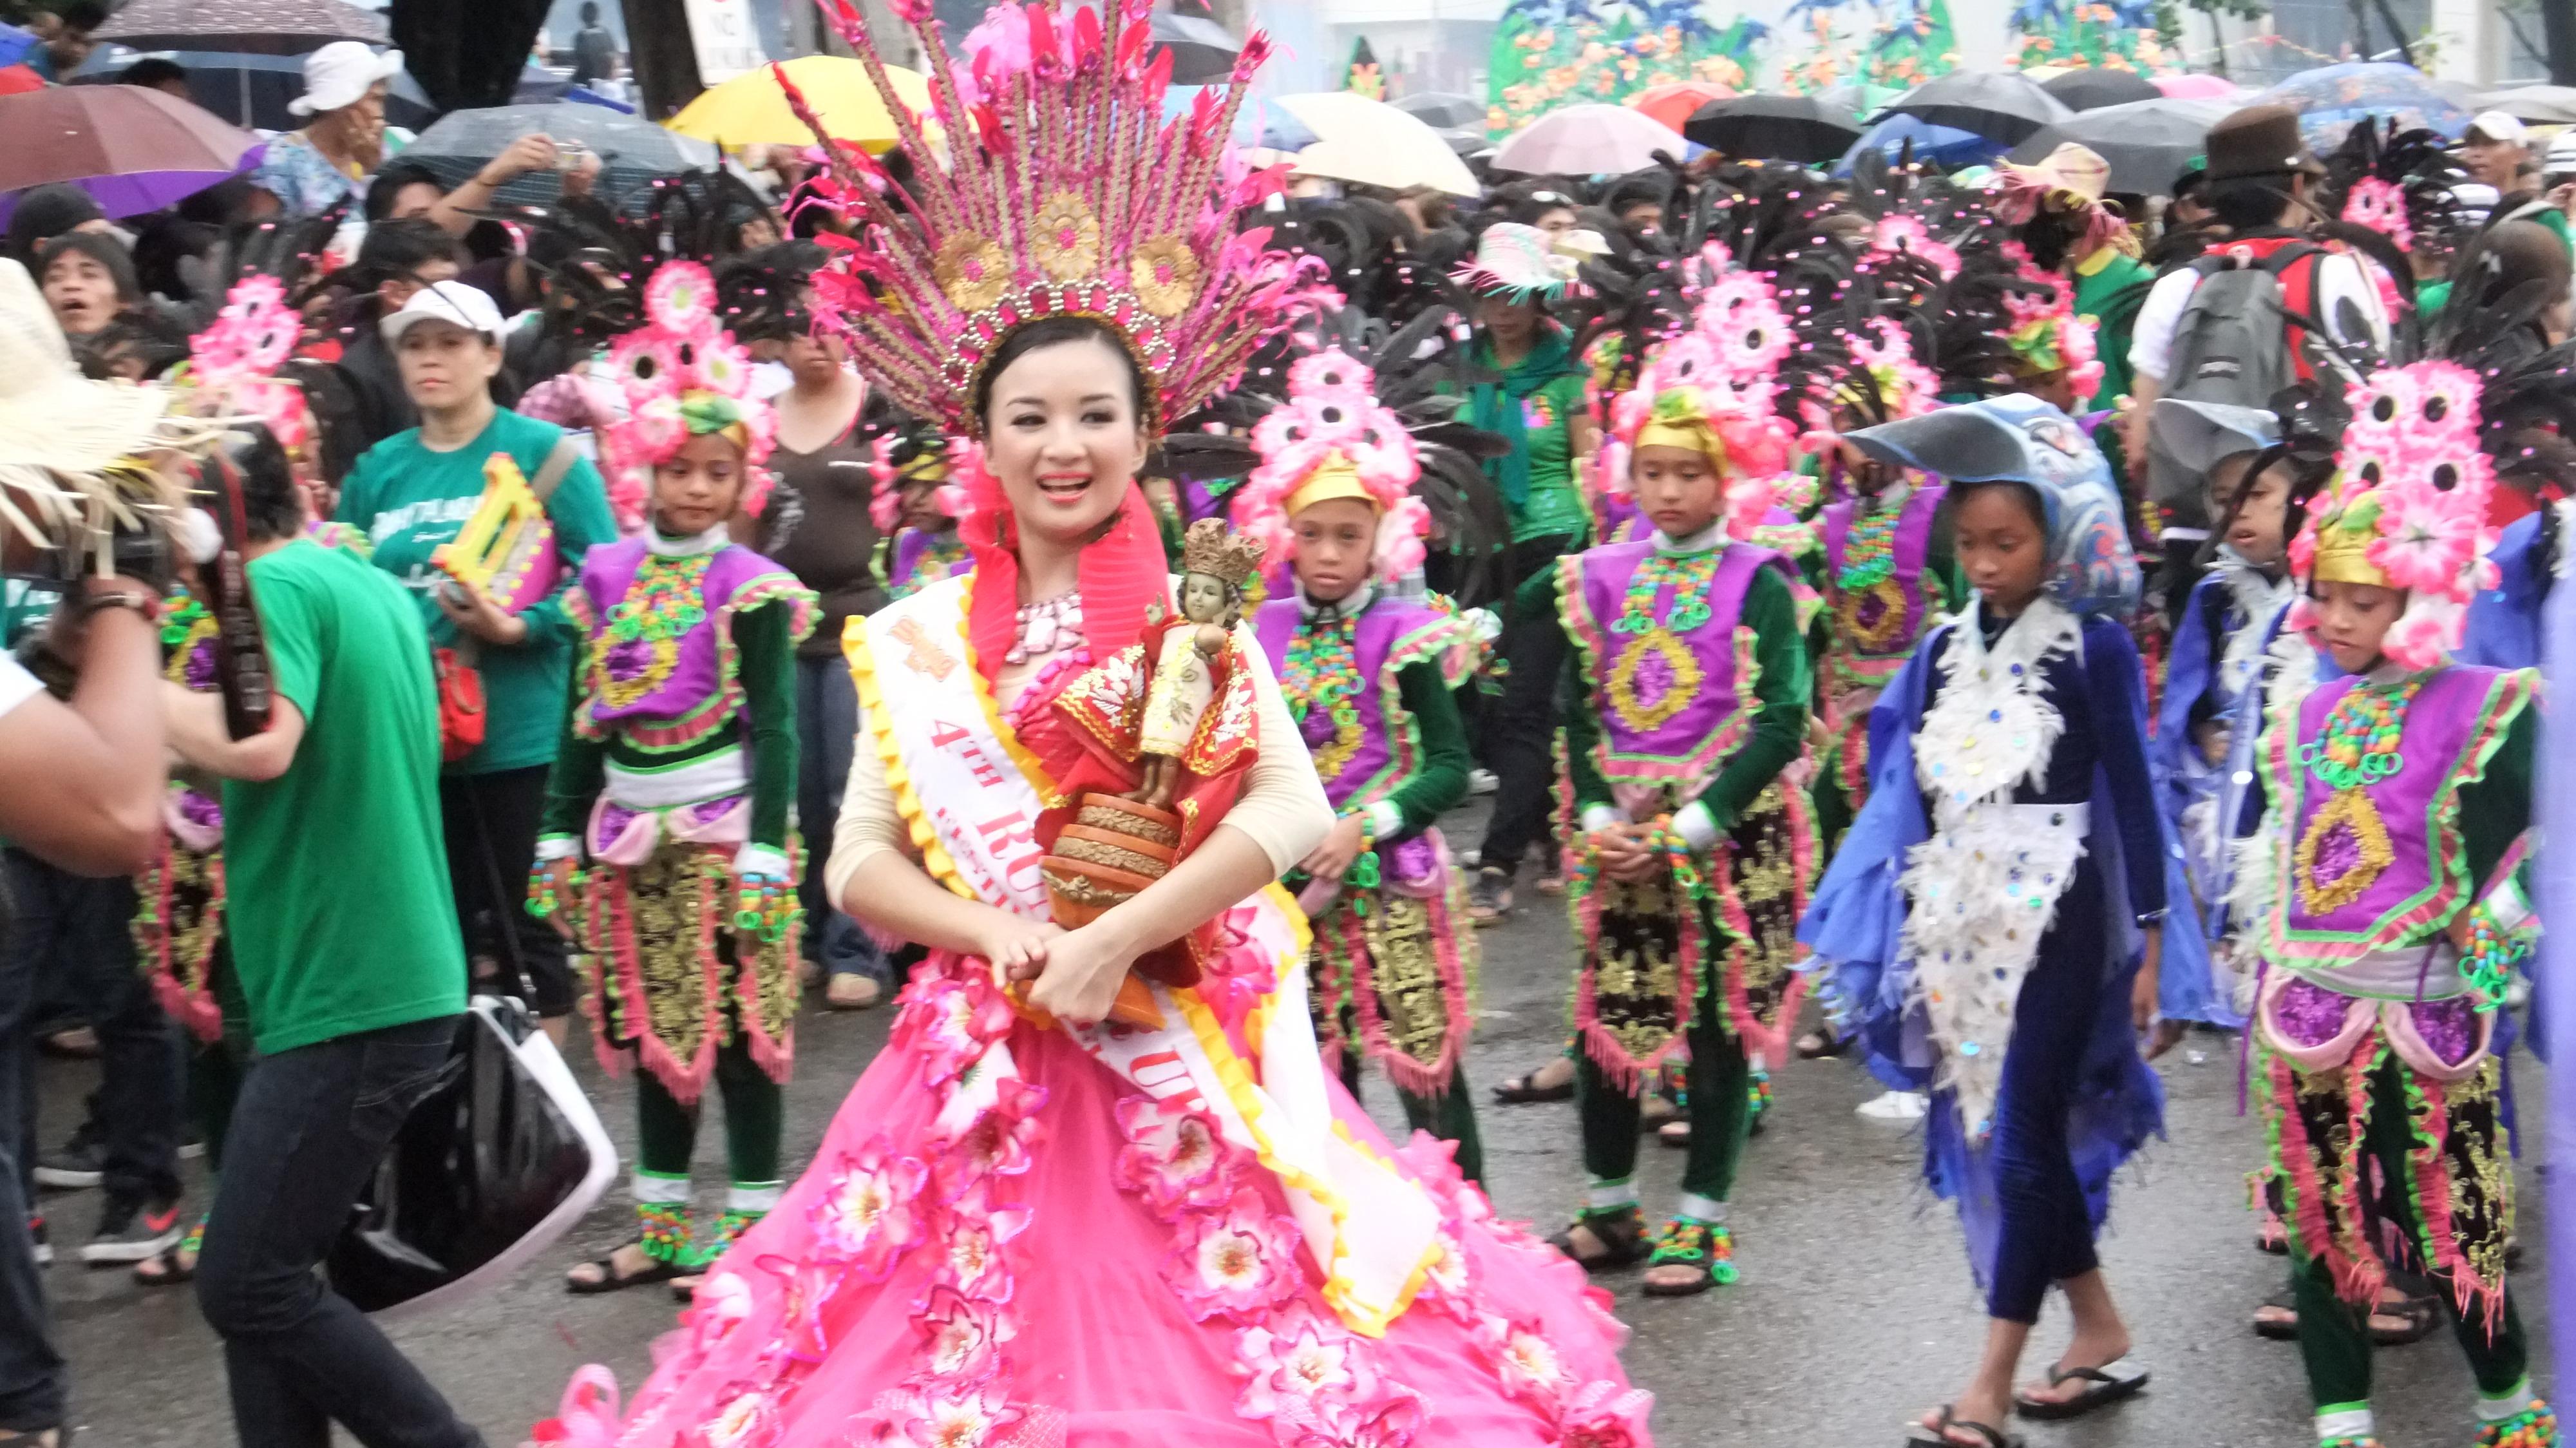 シヌログ祭りのダンサー